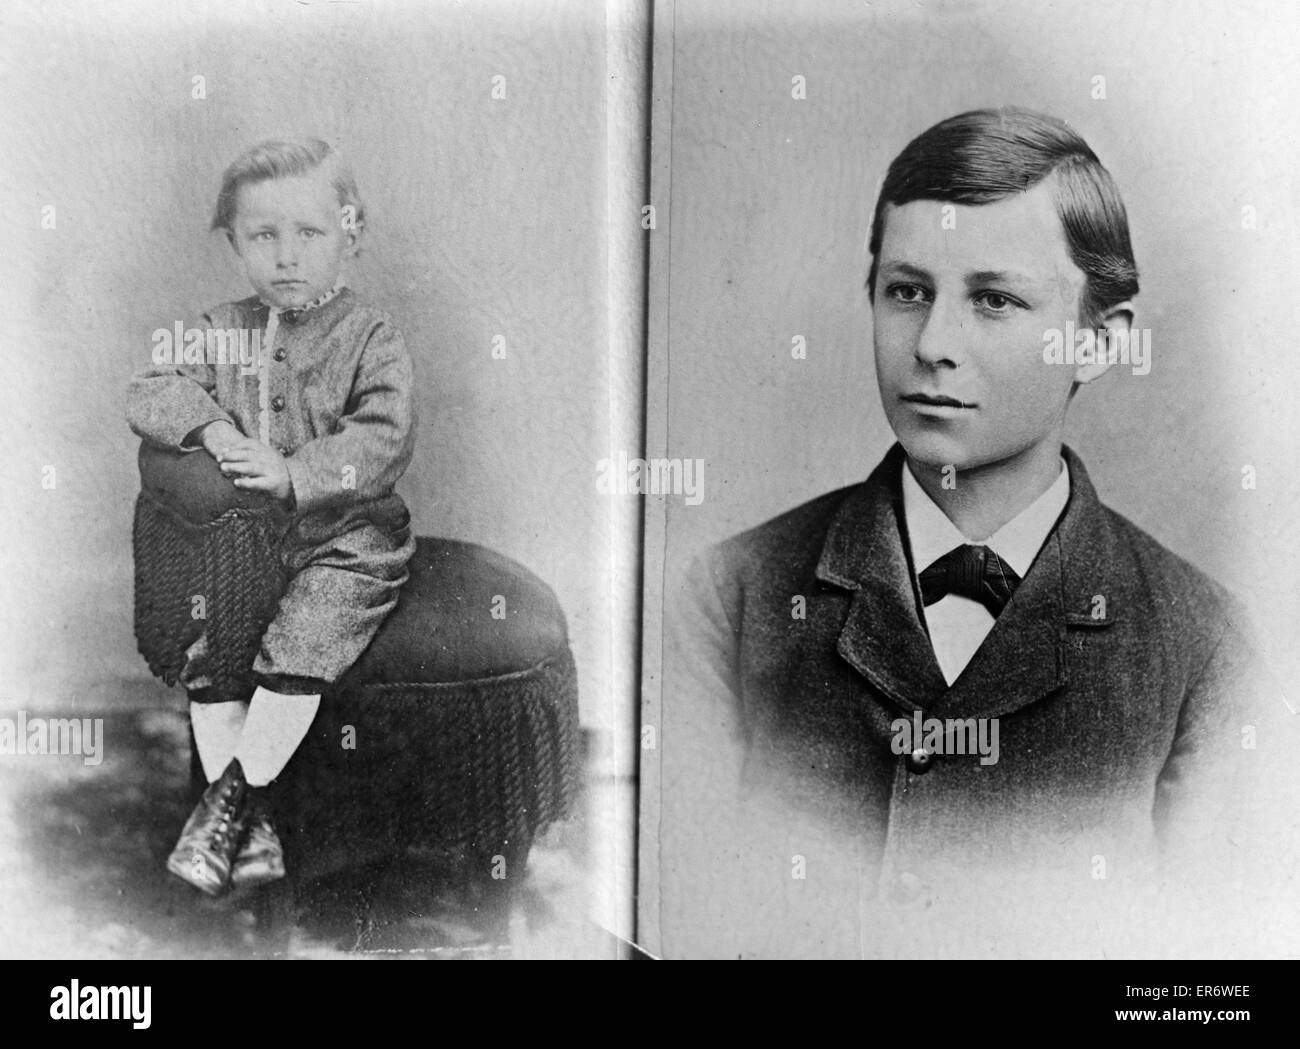 Kindheit-Porträts von Wilbur Wright. Datum zwischen 1901 und 1928. Stockbild